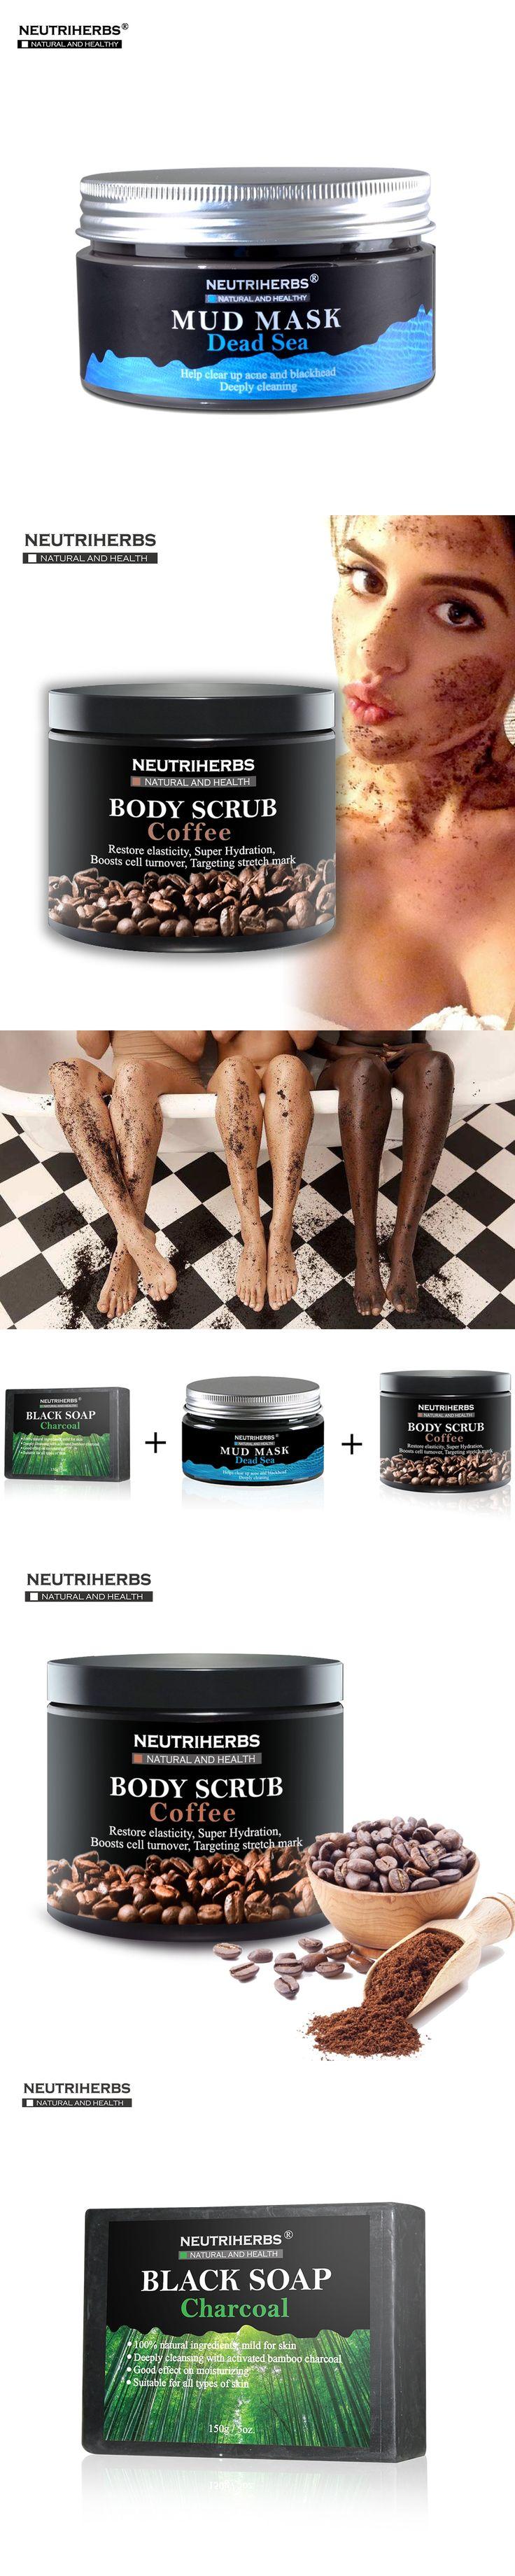 Face Black Blackhead Remover Mask Coffee Body Cream Scrub Reducing Oil White Essential Oil Soap Cellulite Treatment  3 in 1 Set